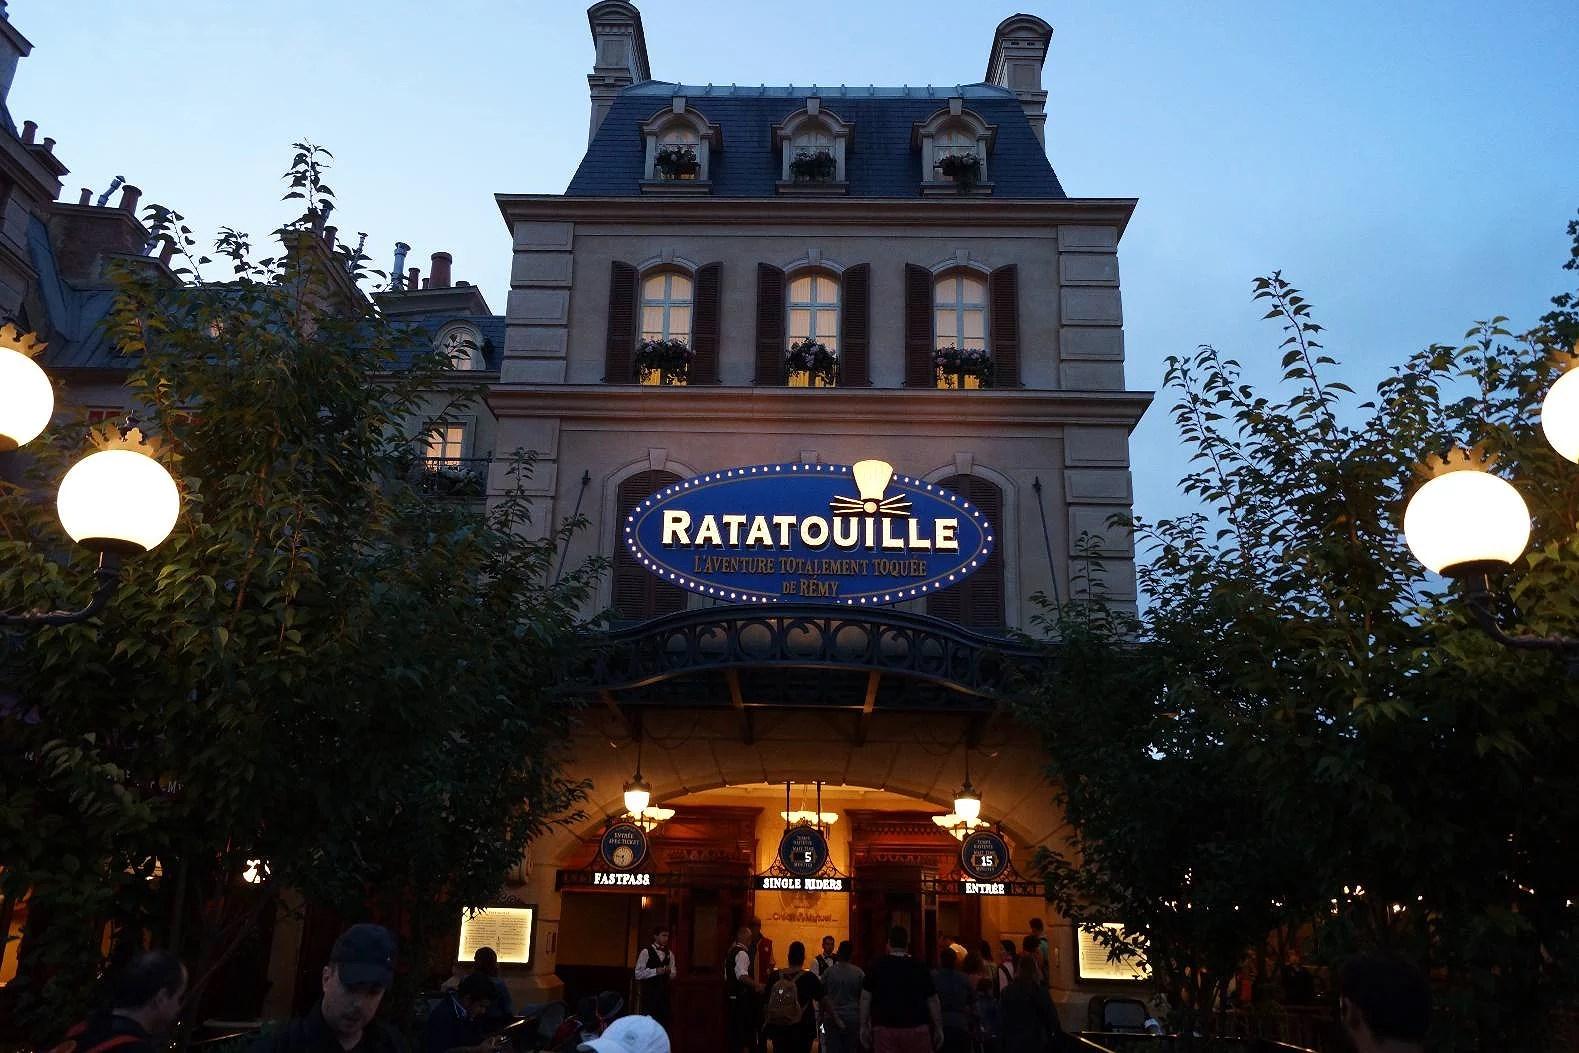 Ratatouille på Disneyland Paris stänger för renovering Augusti till December